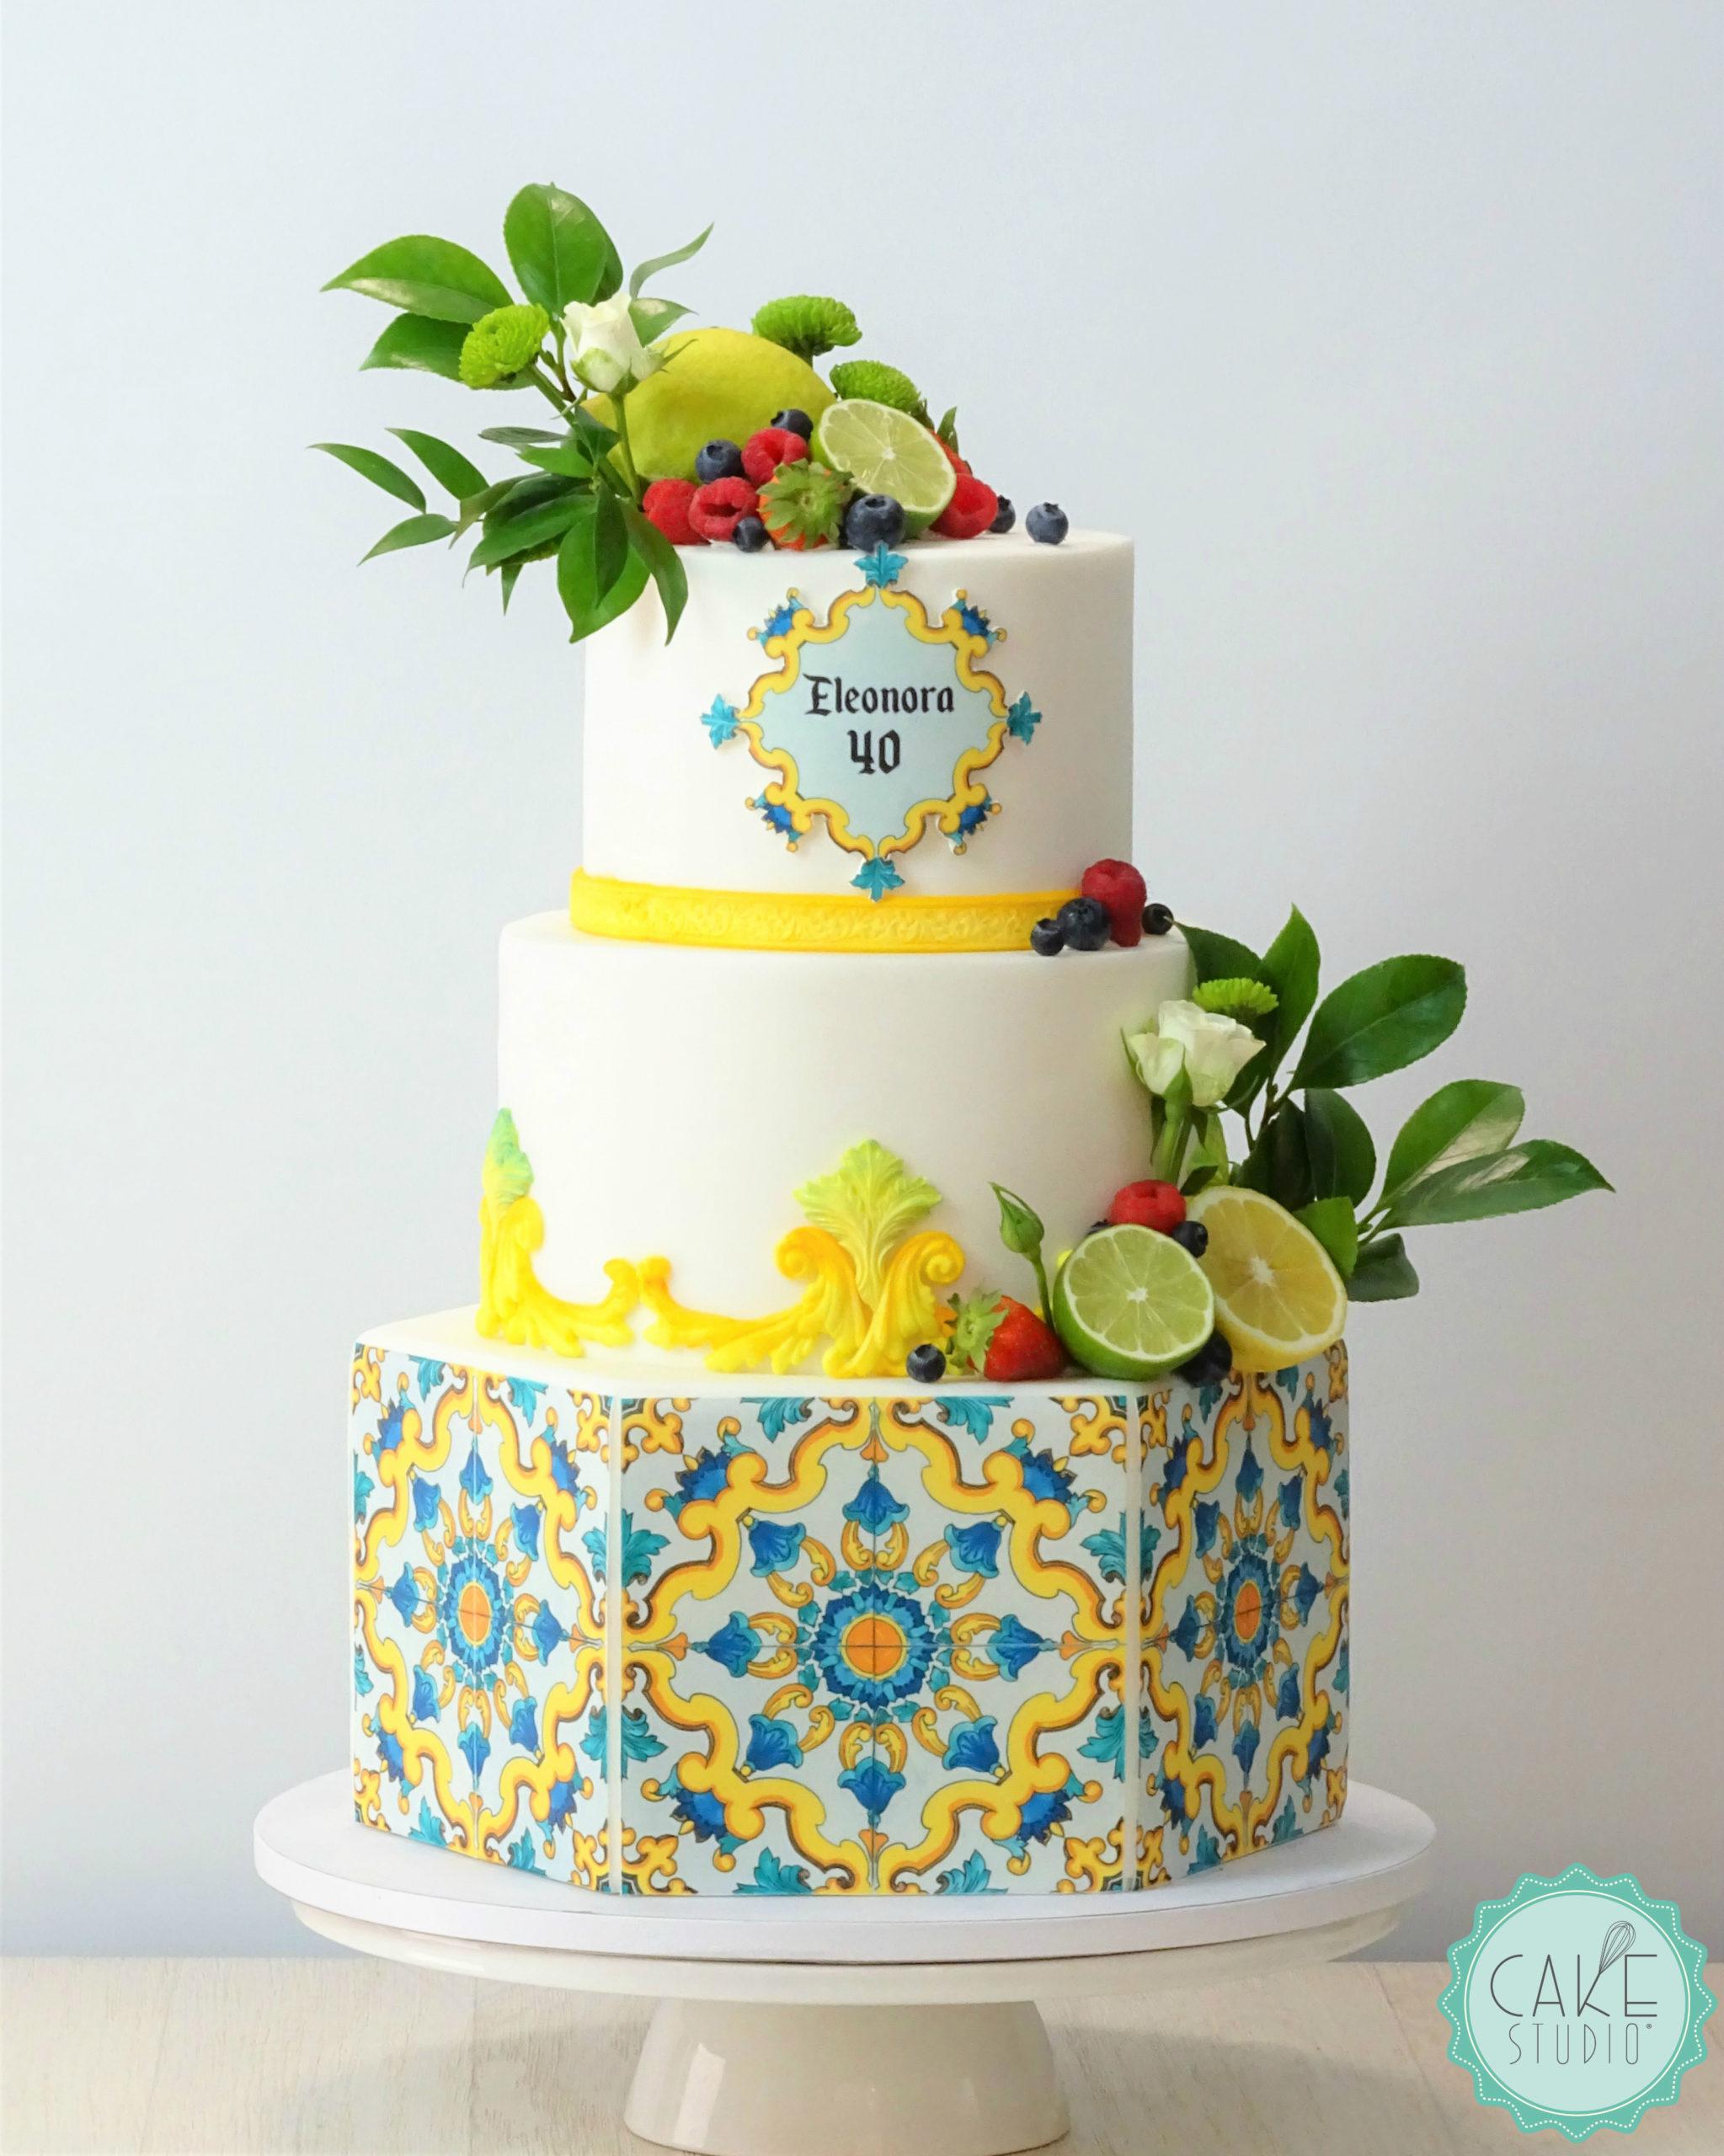 torta con maioliche limoni lime lamponi mirtilli